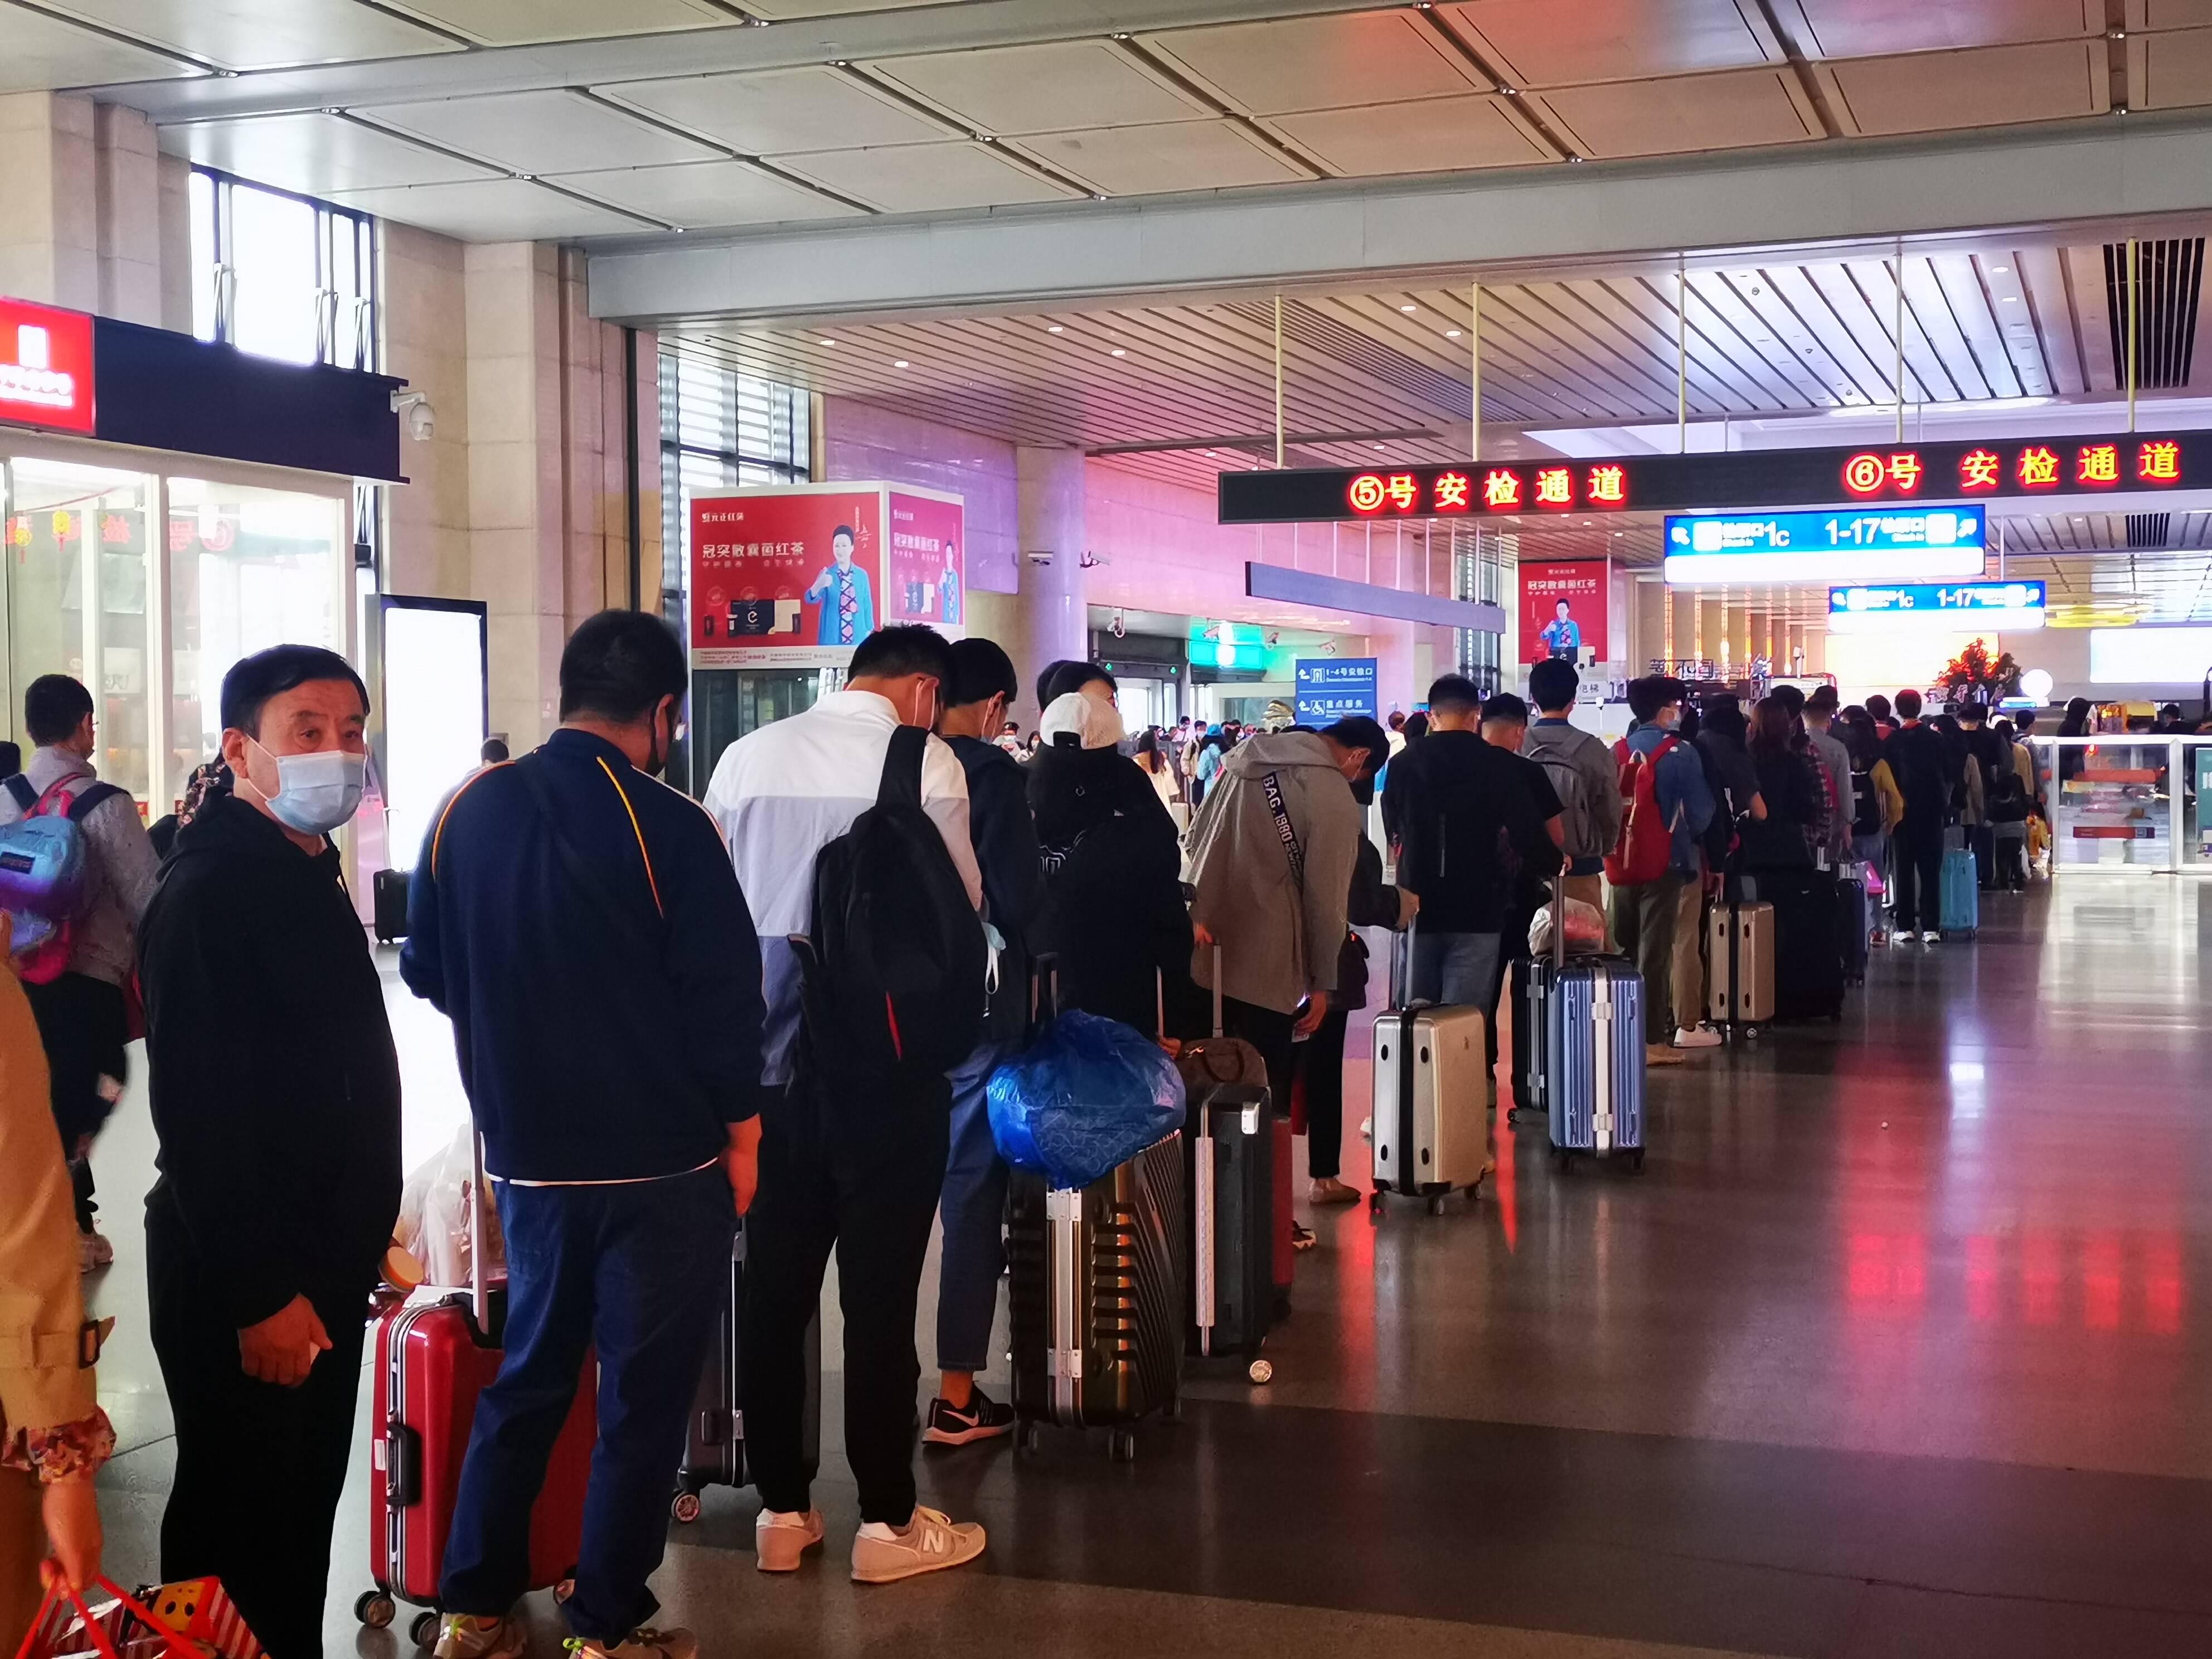 一票难求!济南西站10月1日发送旅客4.6万人次